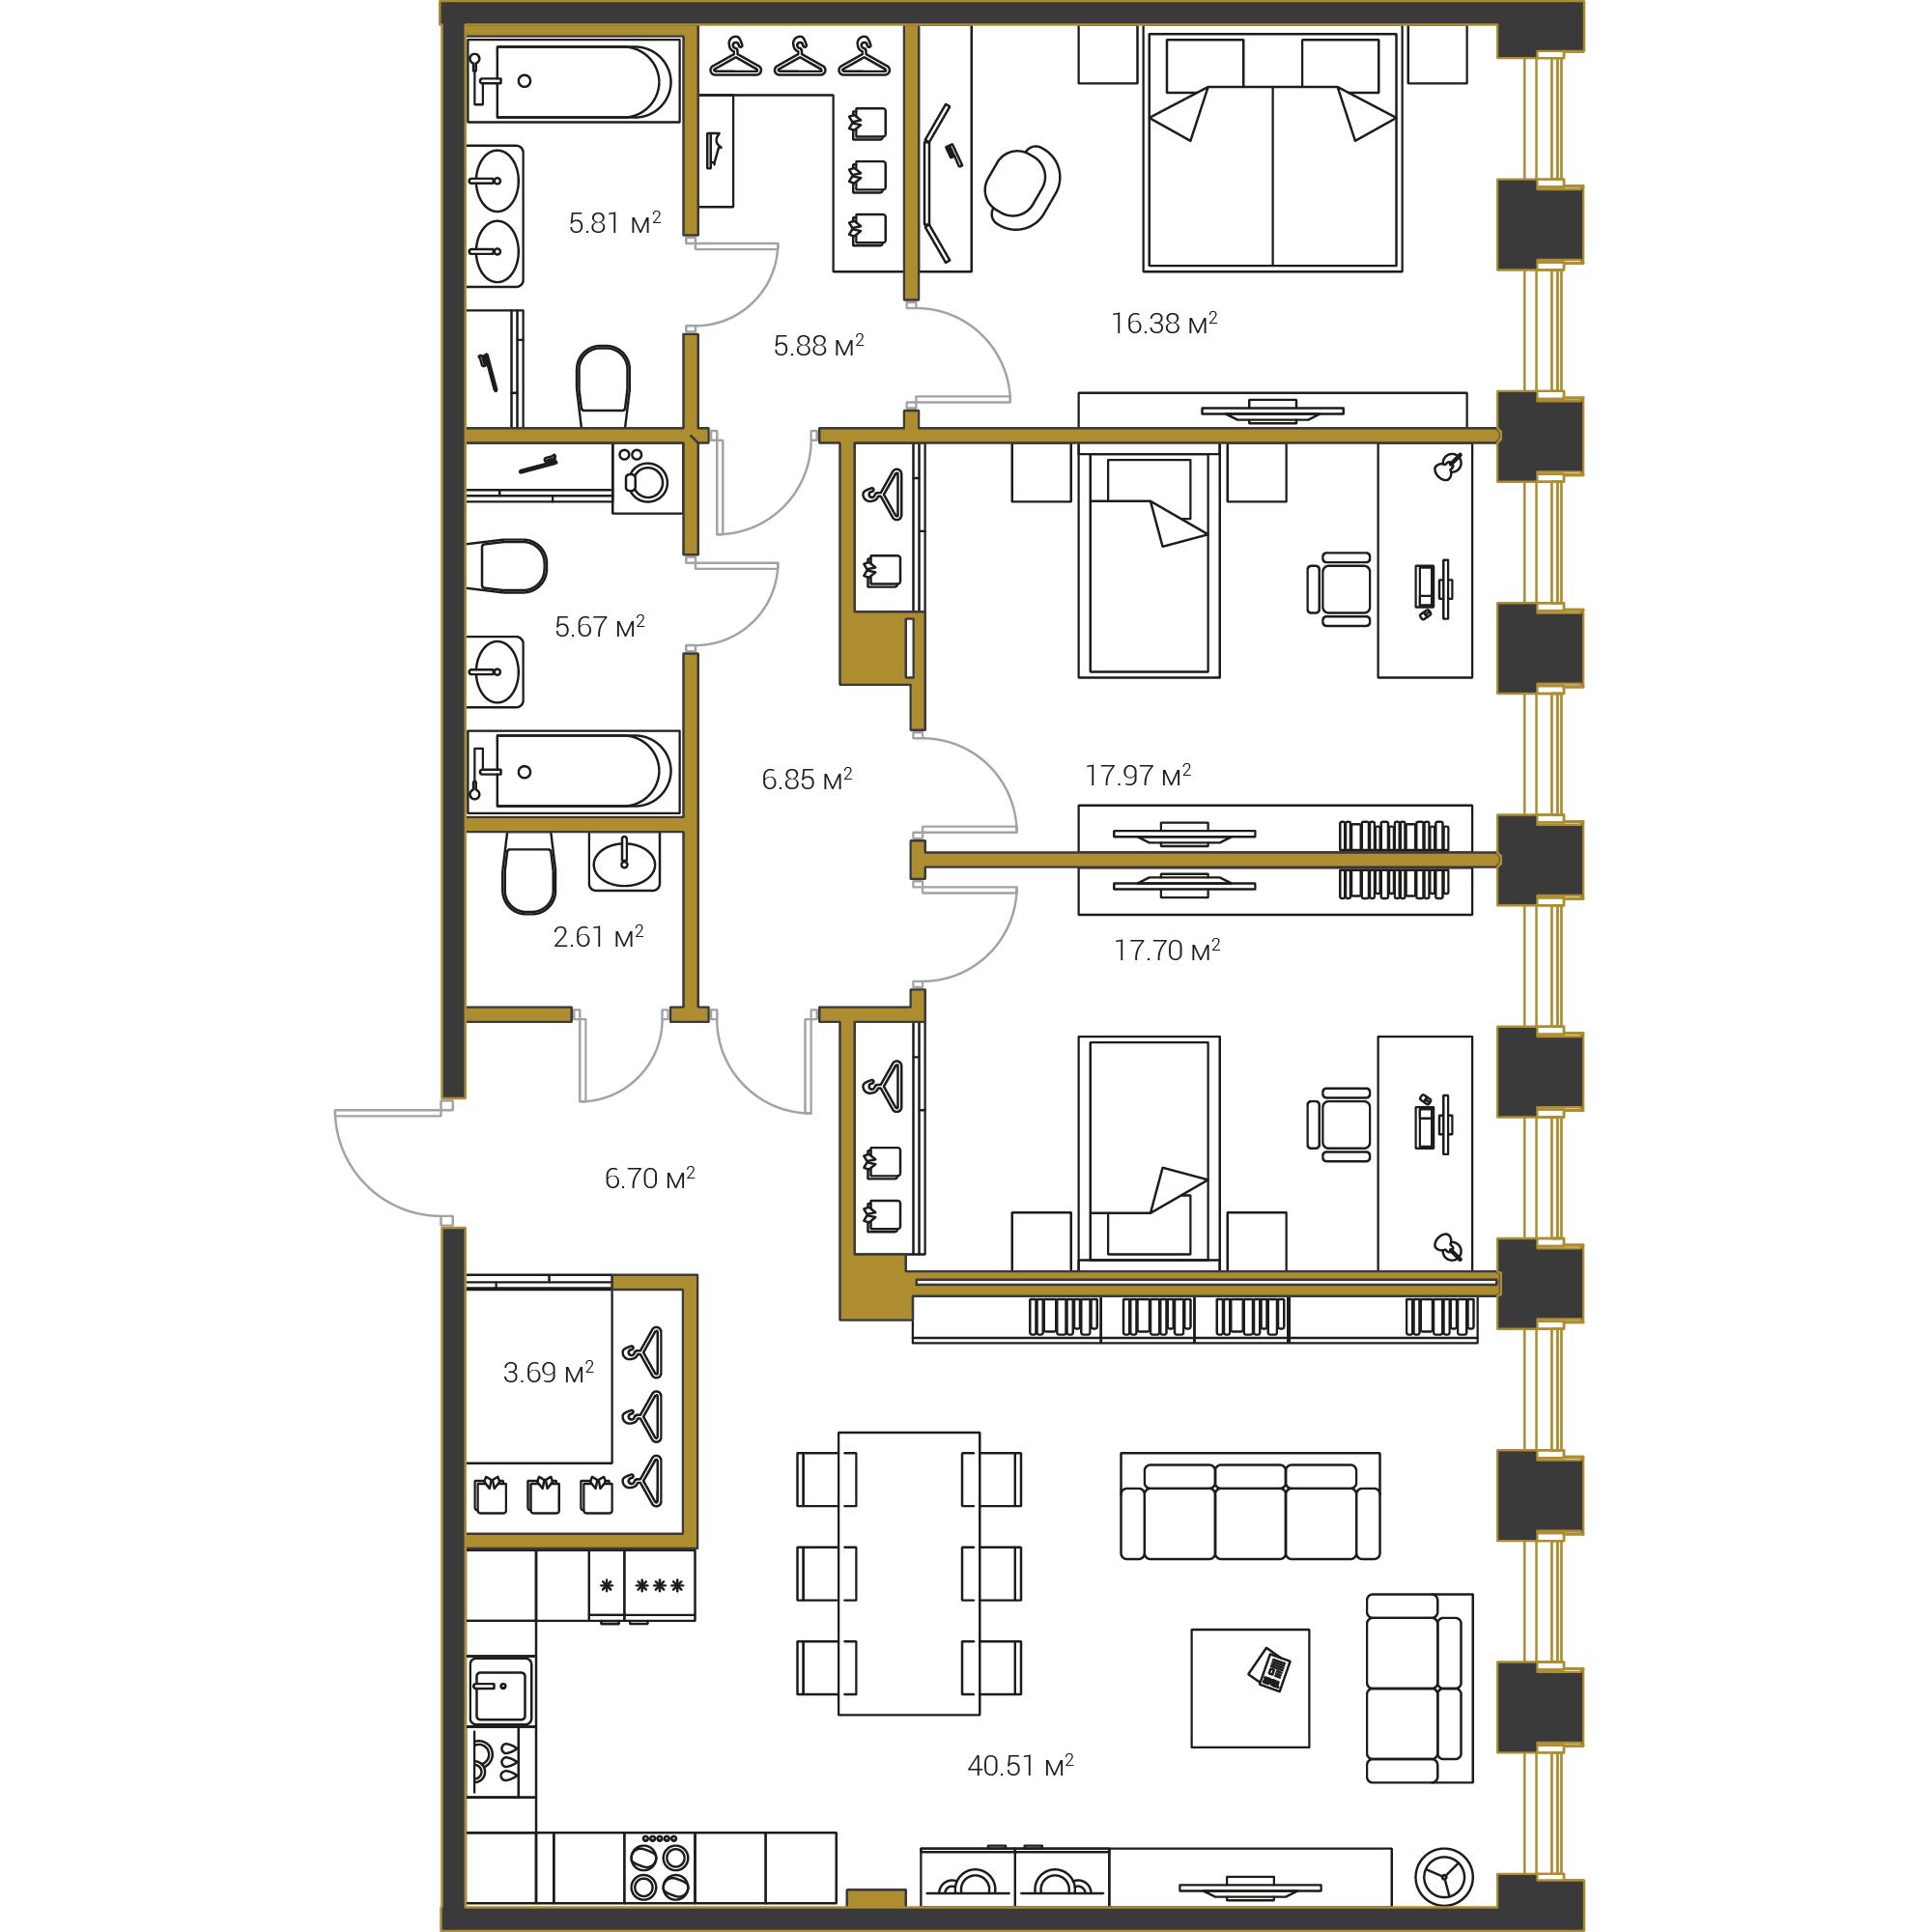 3-комнатная квартира №16 в: Институтский,16: 129.77 м²; этаж: 13 - купить в Санкт-Петербурге